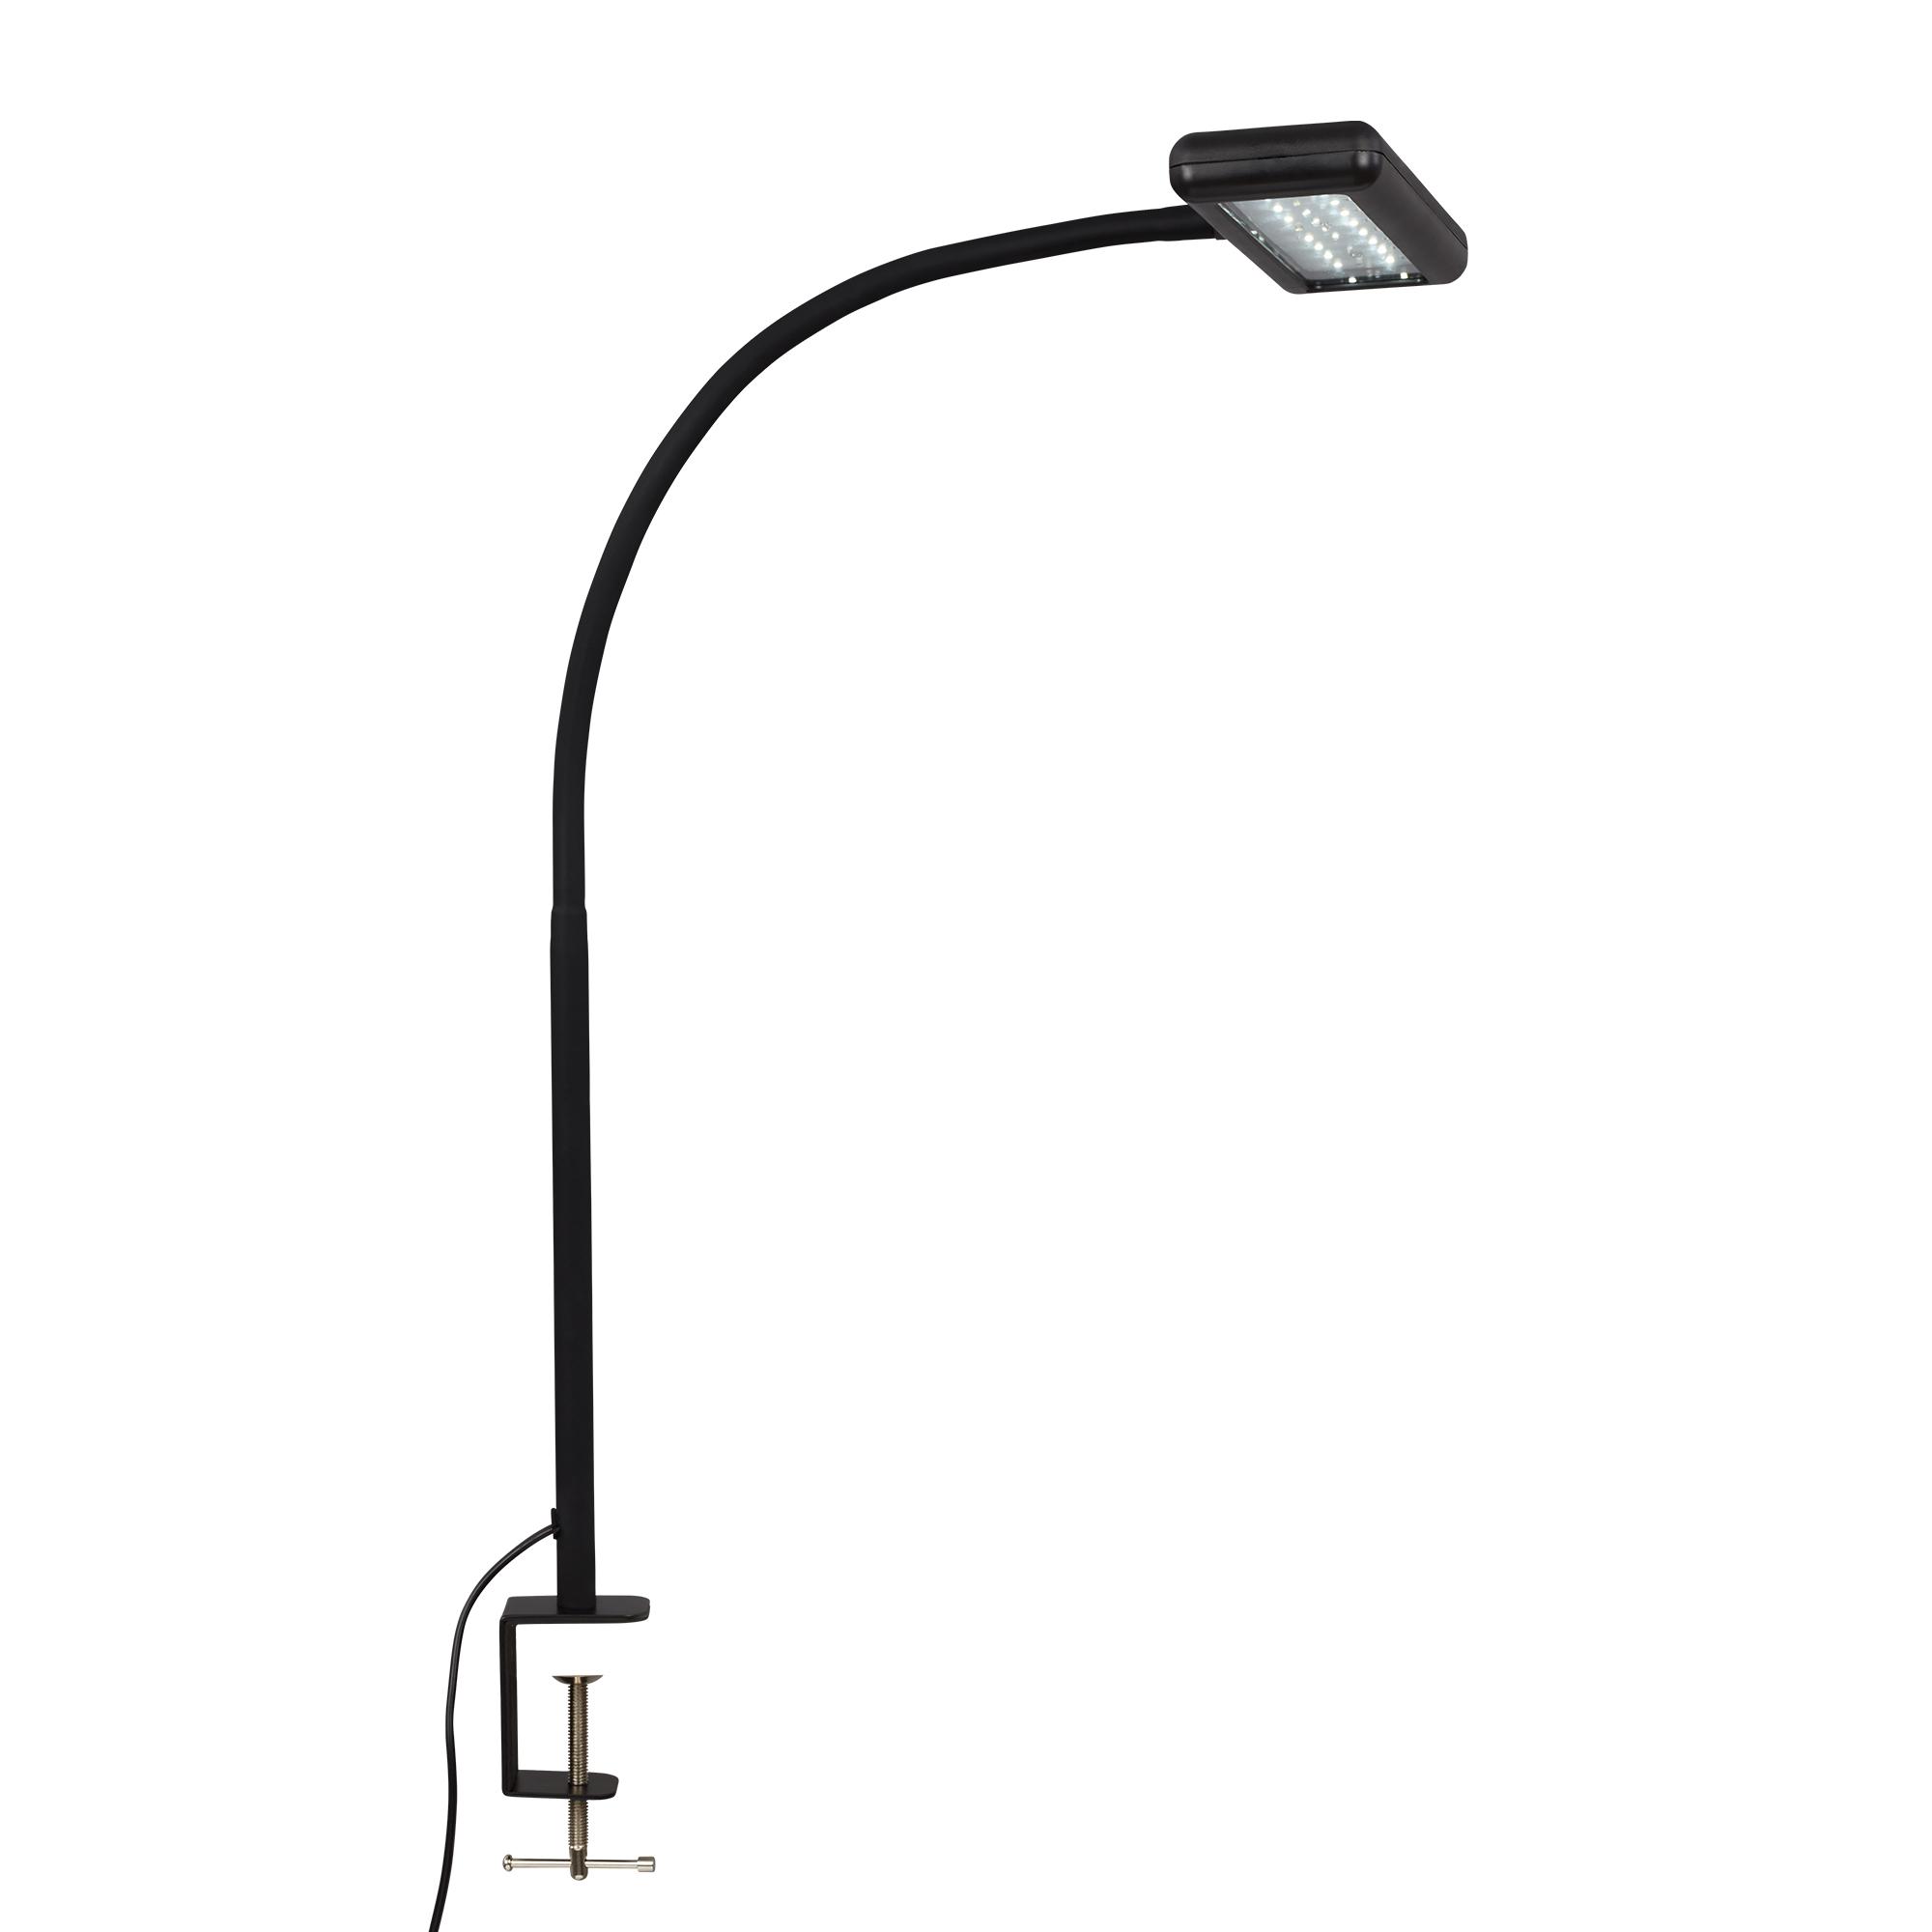 LED Tageslicht Klemmleuchte, 55 cm, 7,5 W, Schwarz